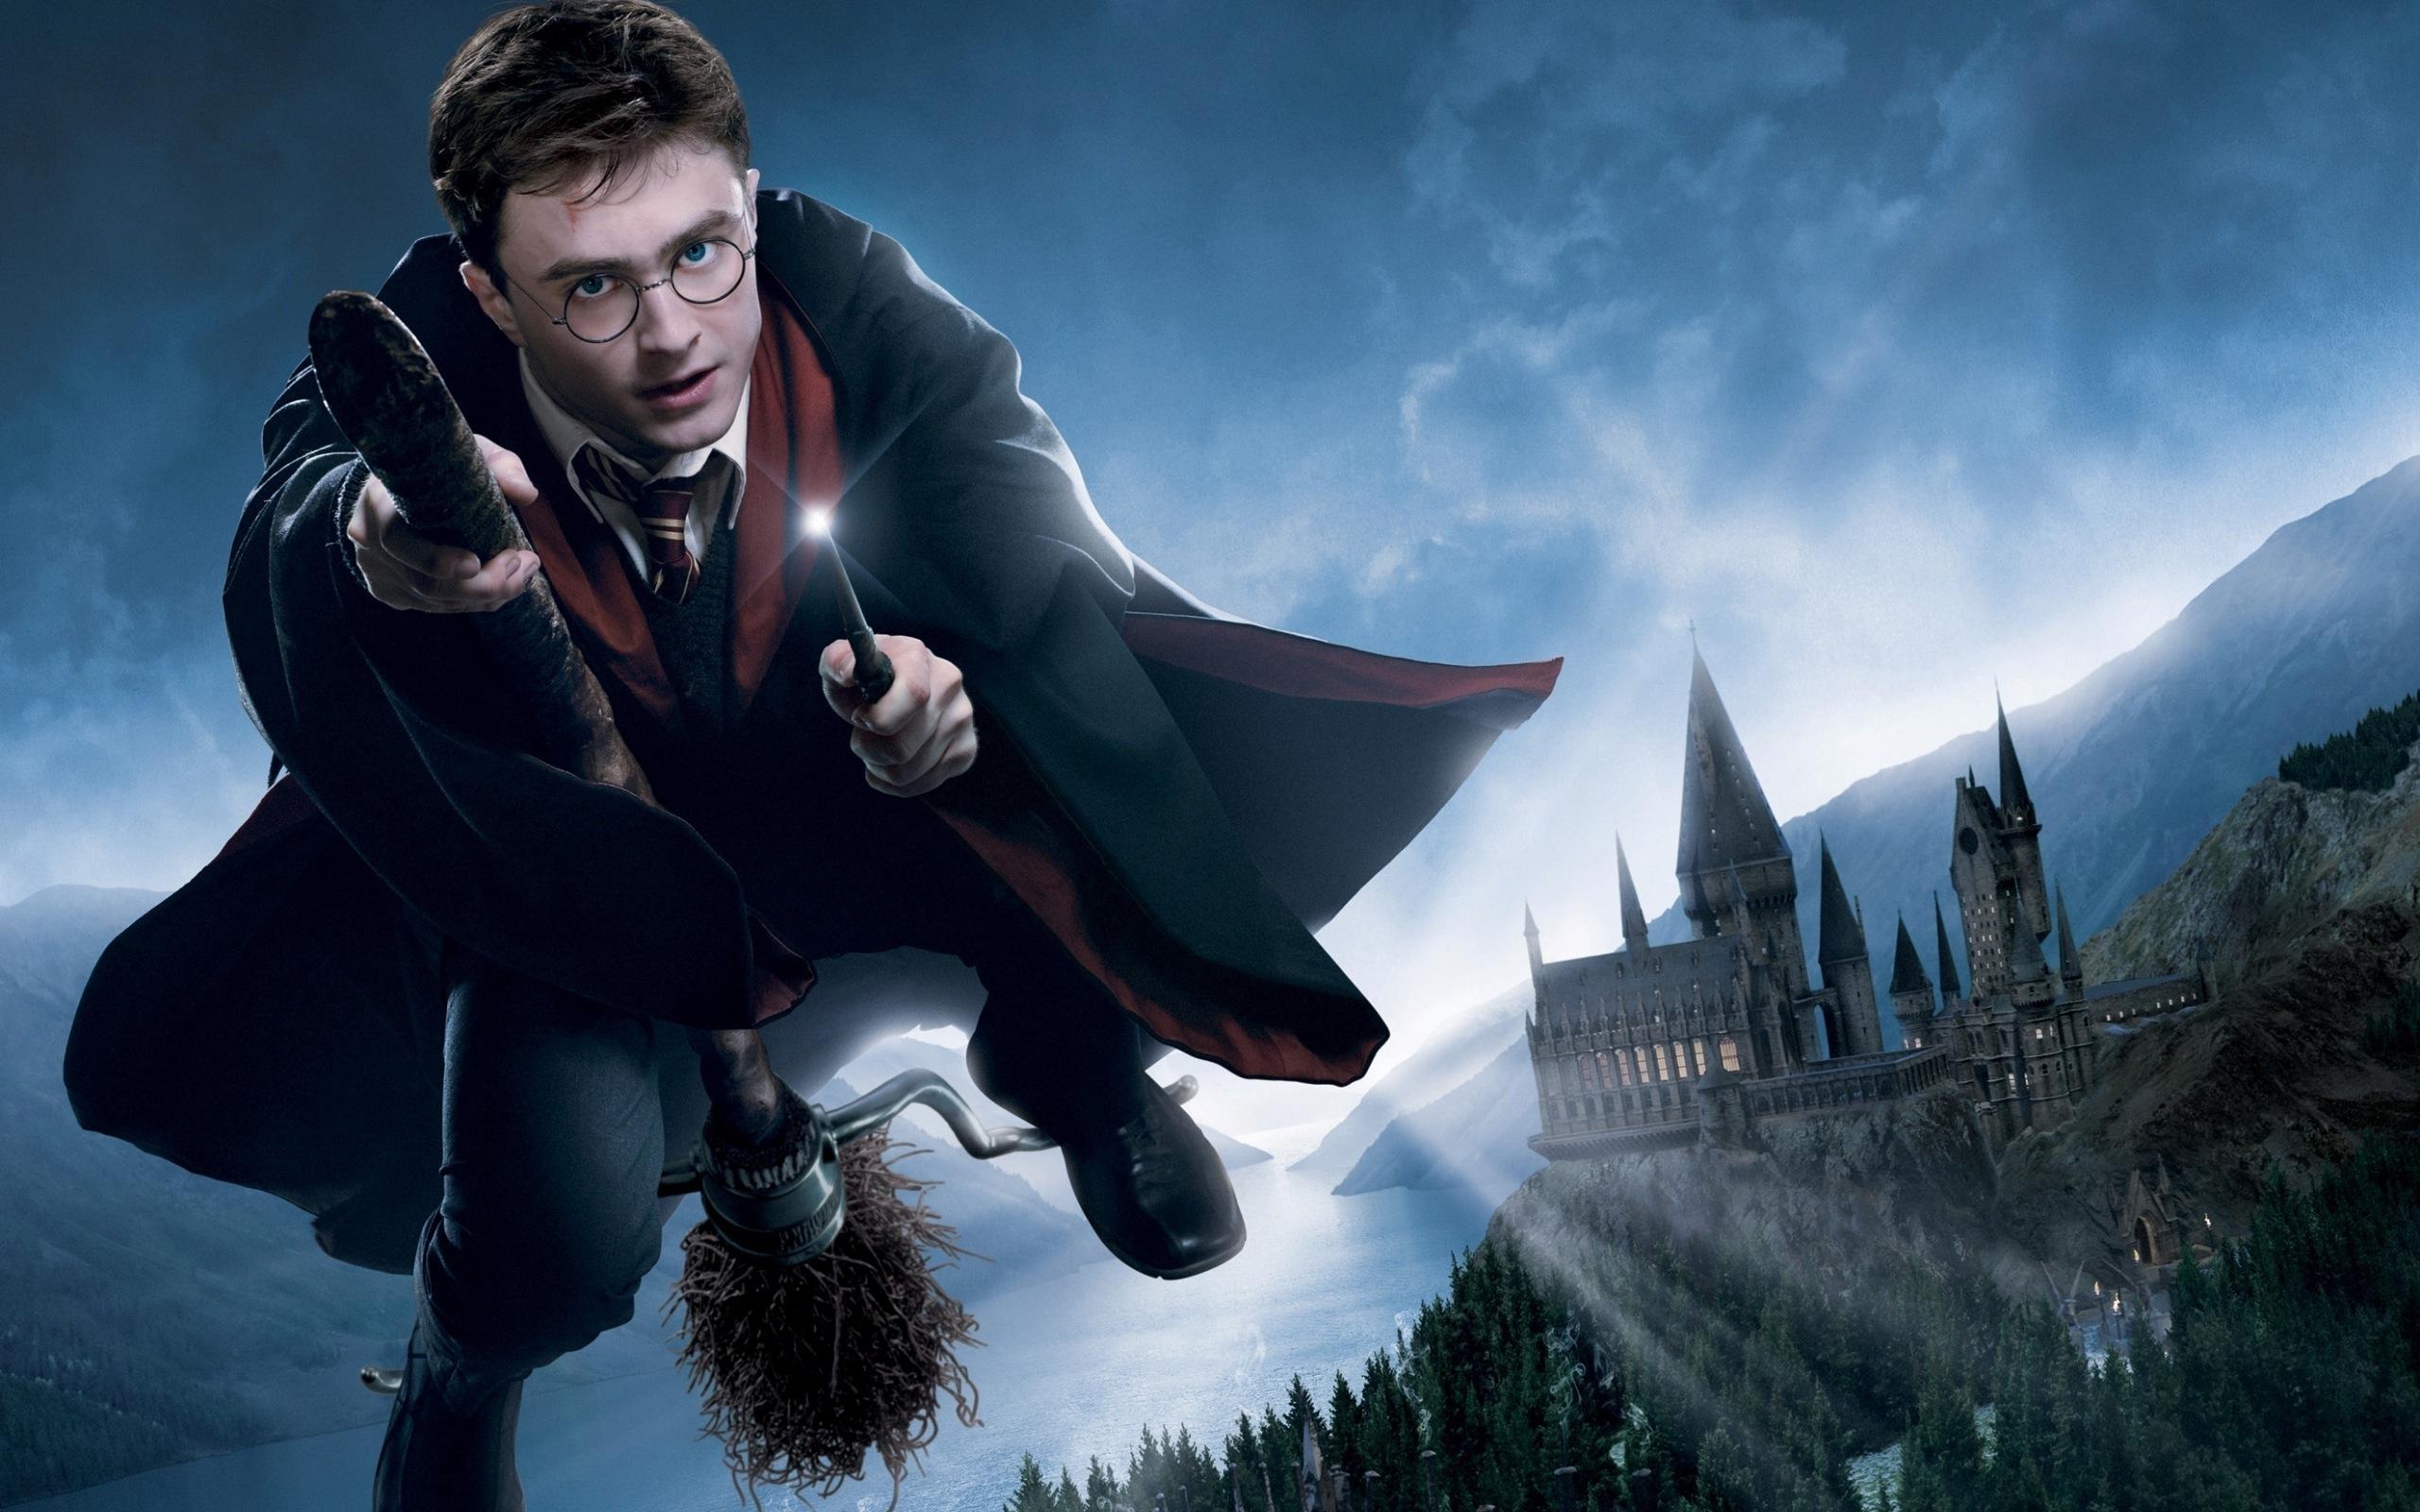 Джоан Роулинг рассказала о новом спектакле о Гарри Поттере